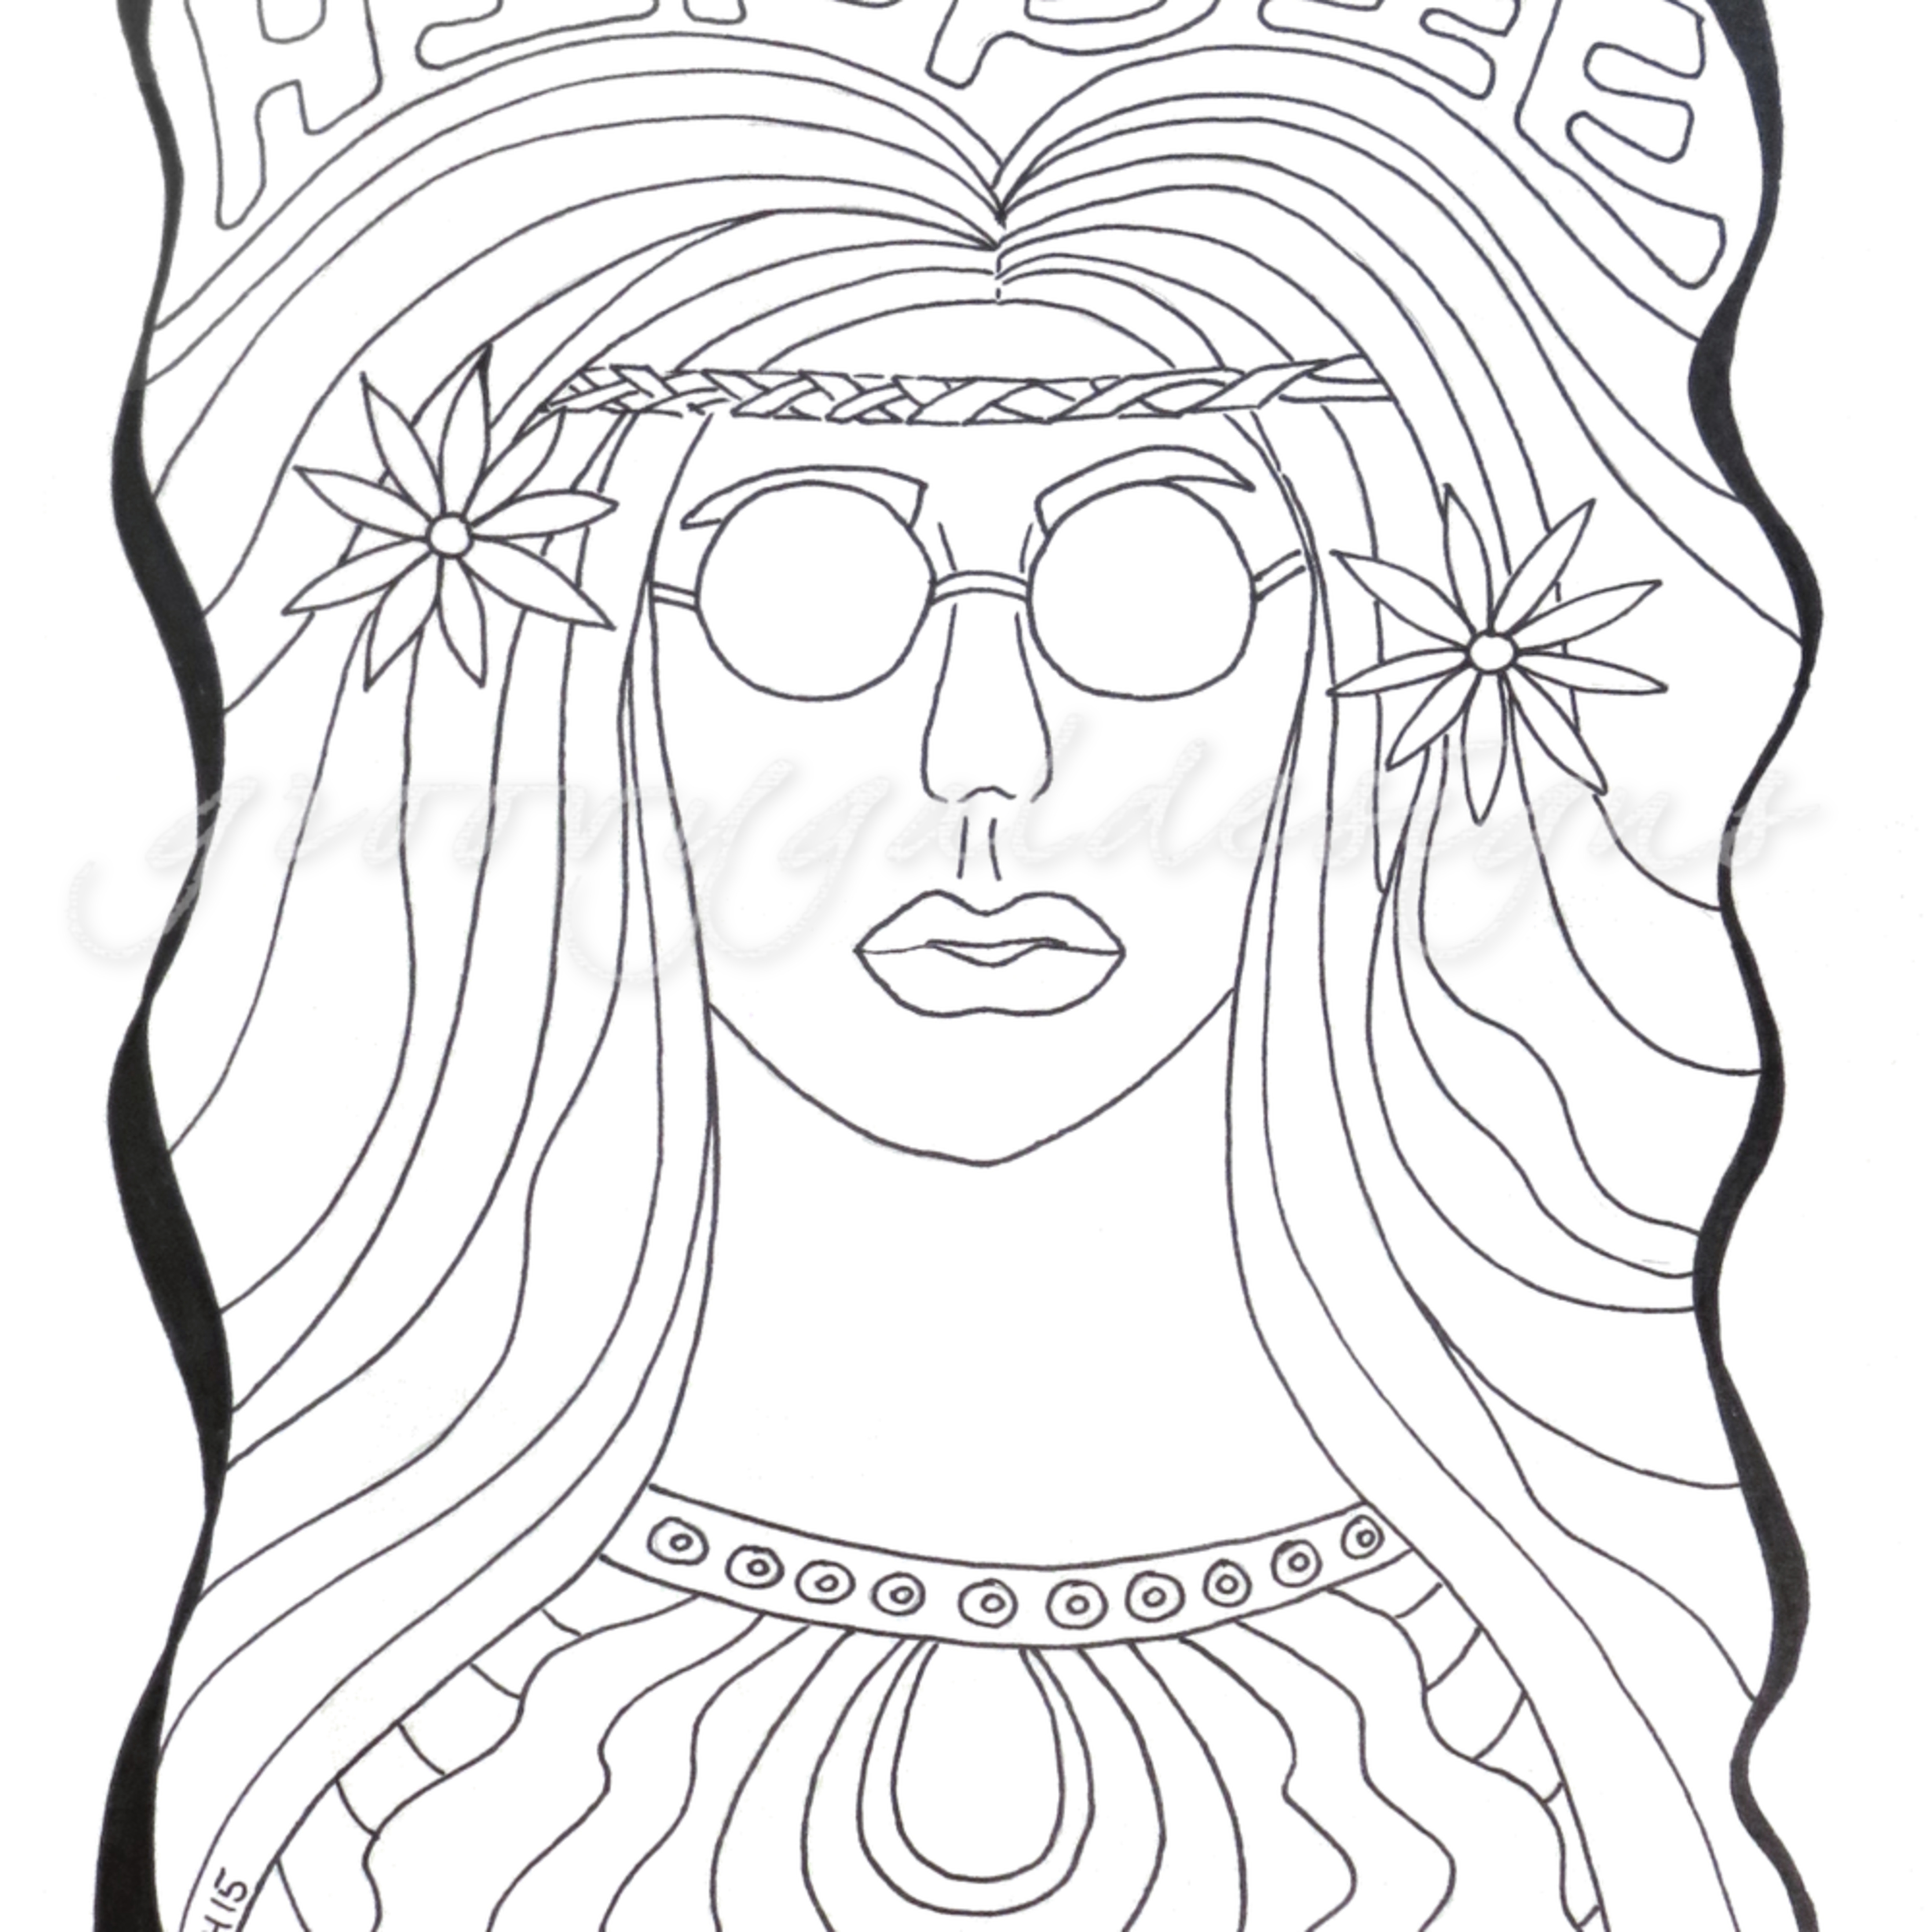 Hippie chick color it pdvthl